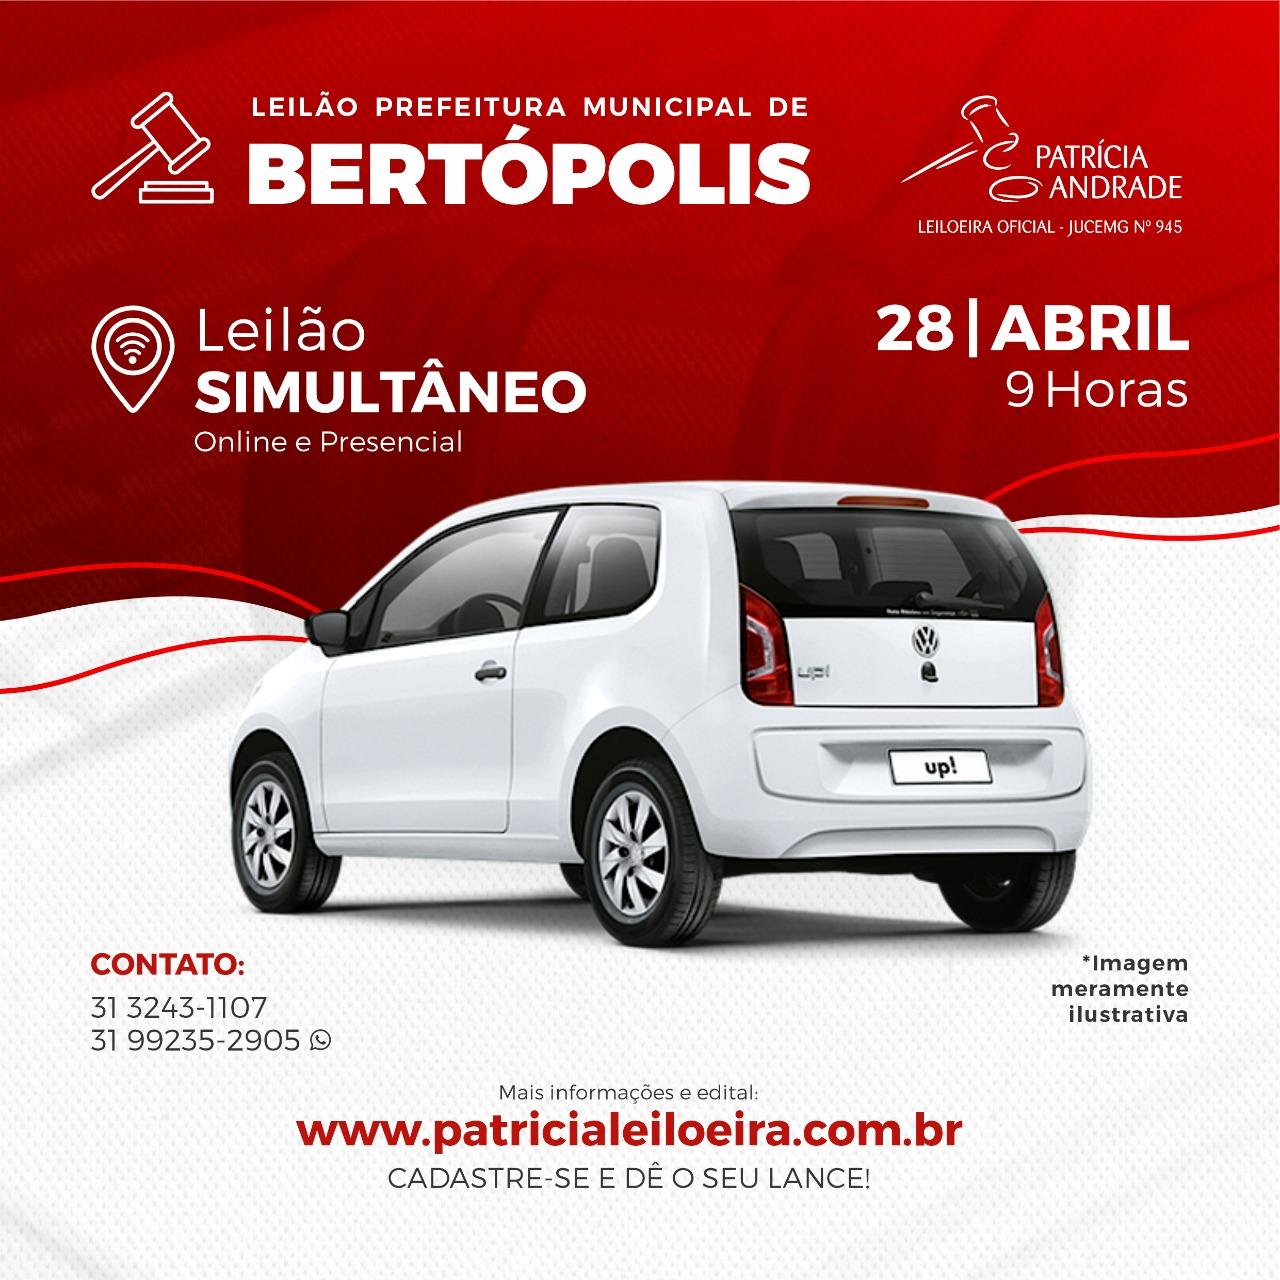 LEILÃO PREFEITURA MUNICIPAL DE BERTÓPOLIS